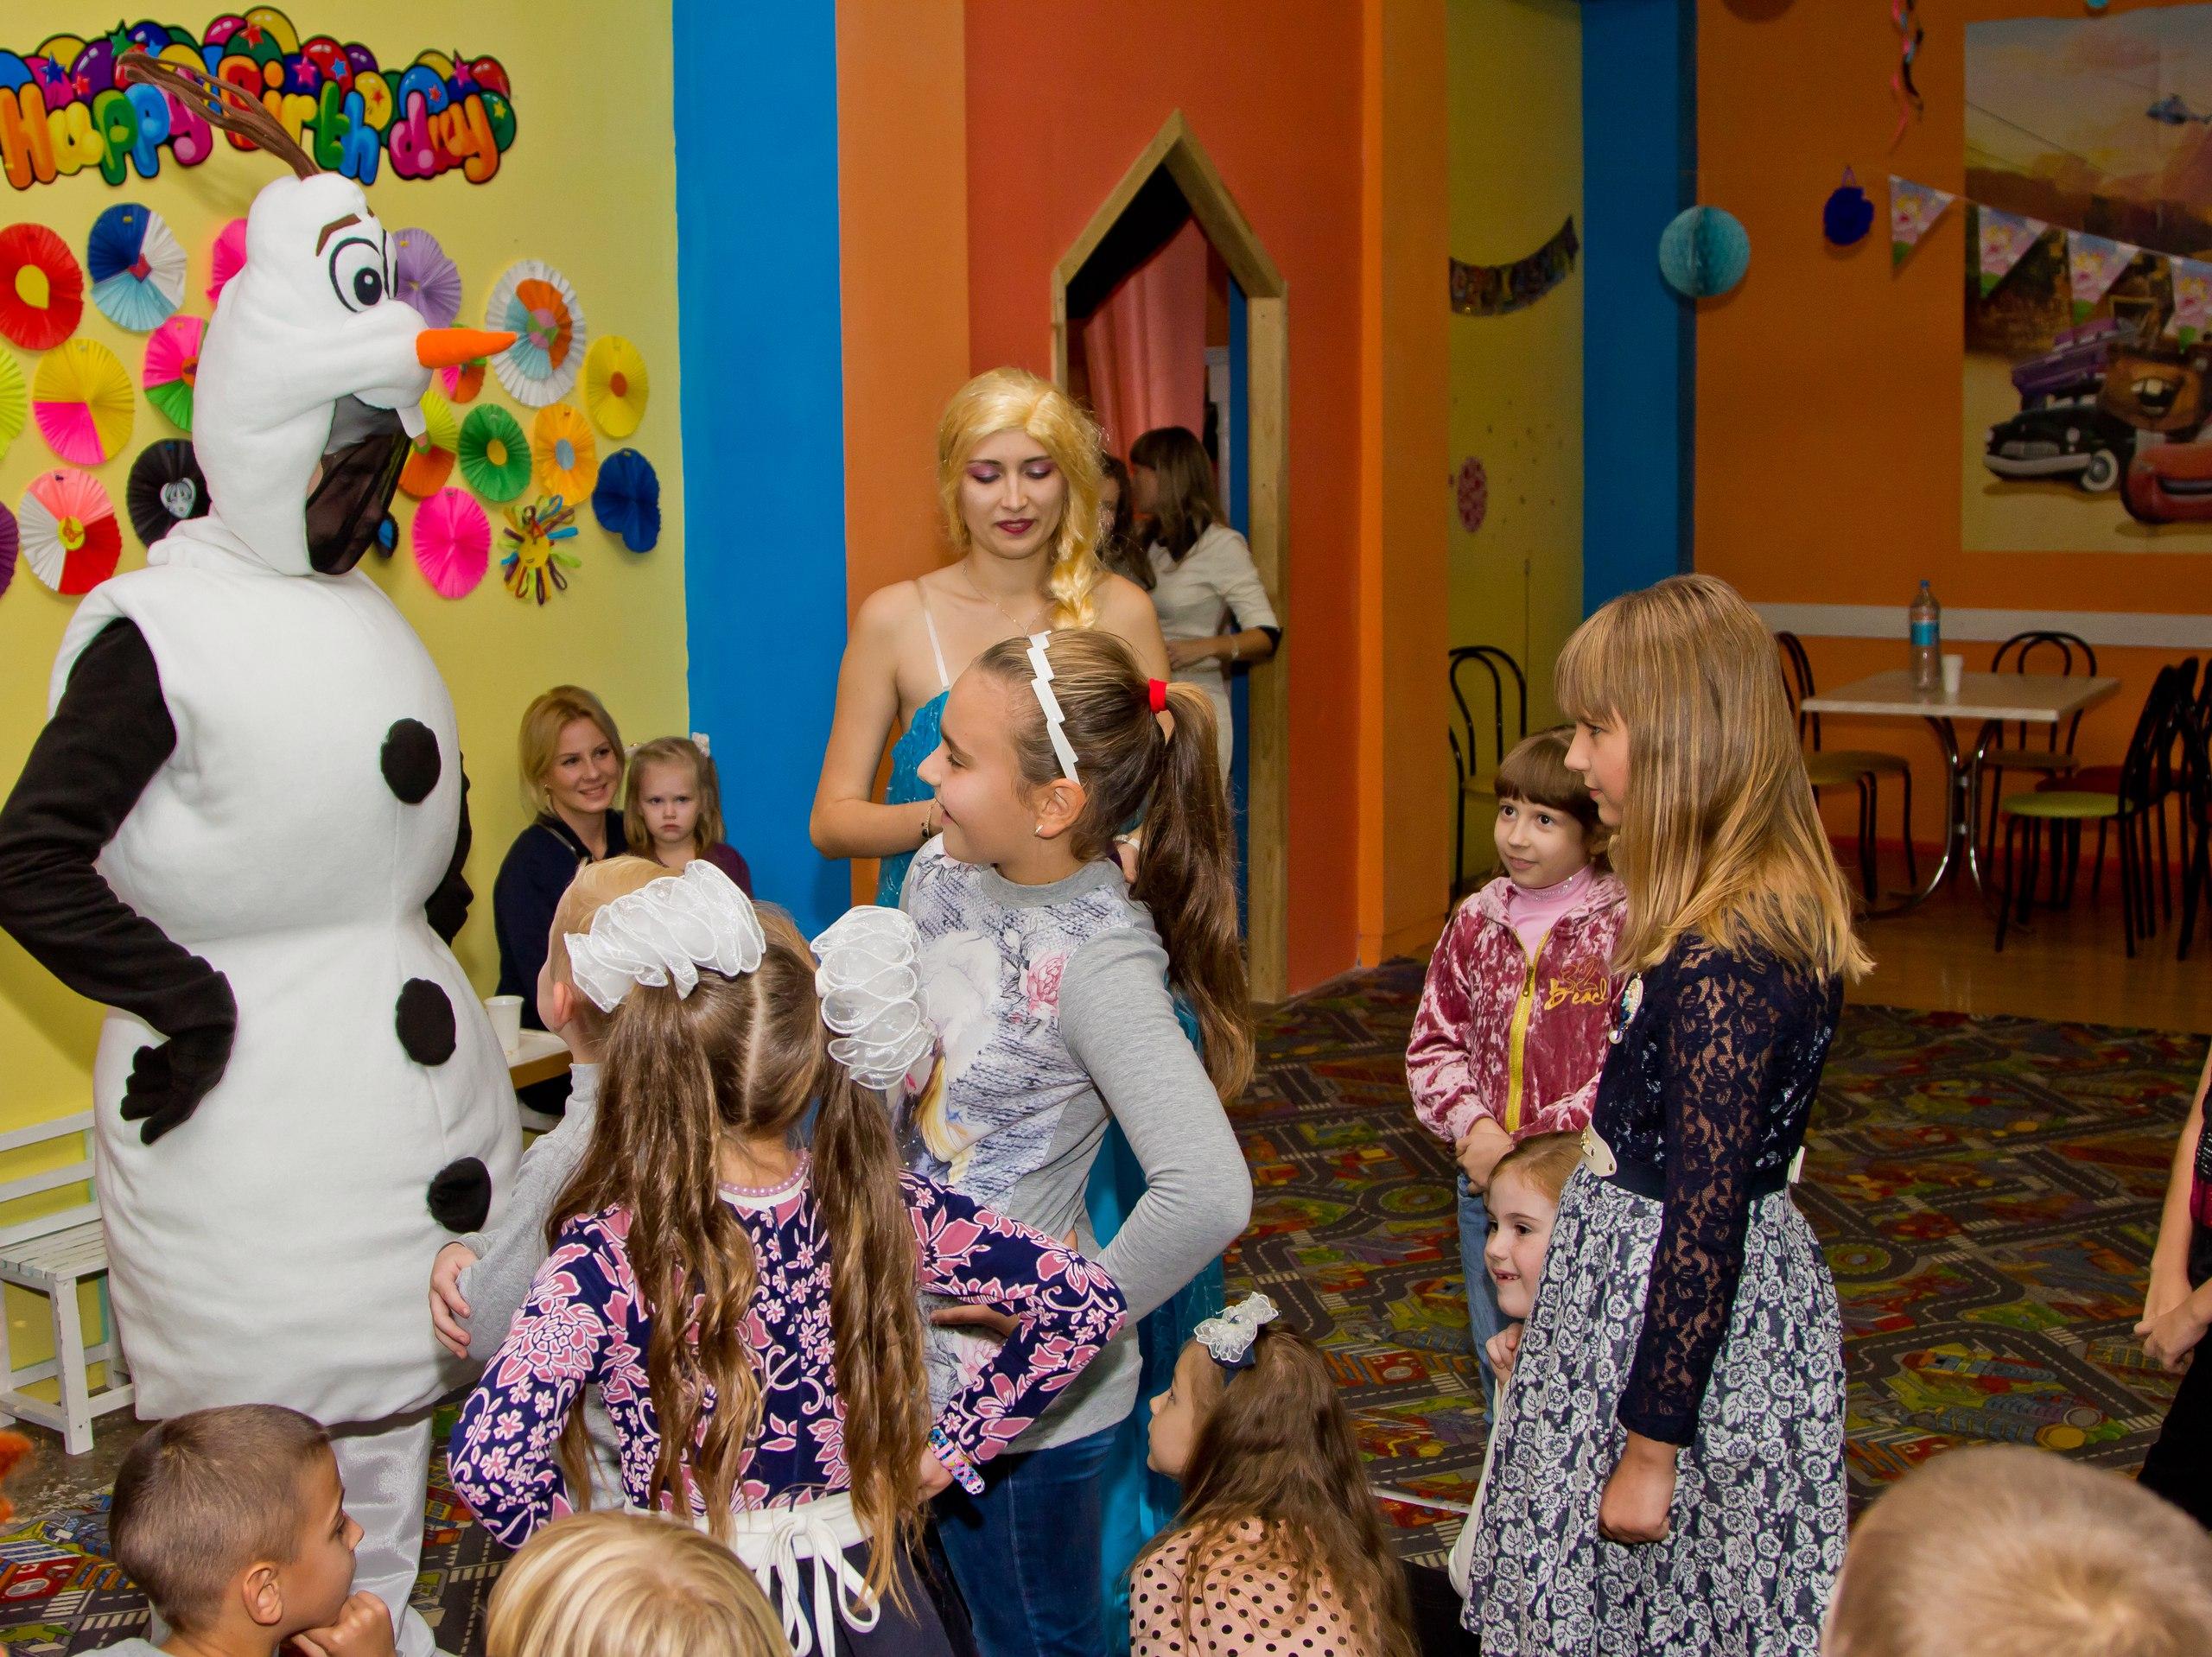 детский праздник в стиле Холодное сердце заказ аниматоров Запорожье Олаф Анна Эльза